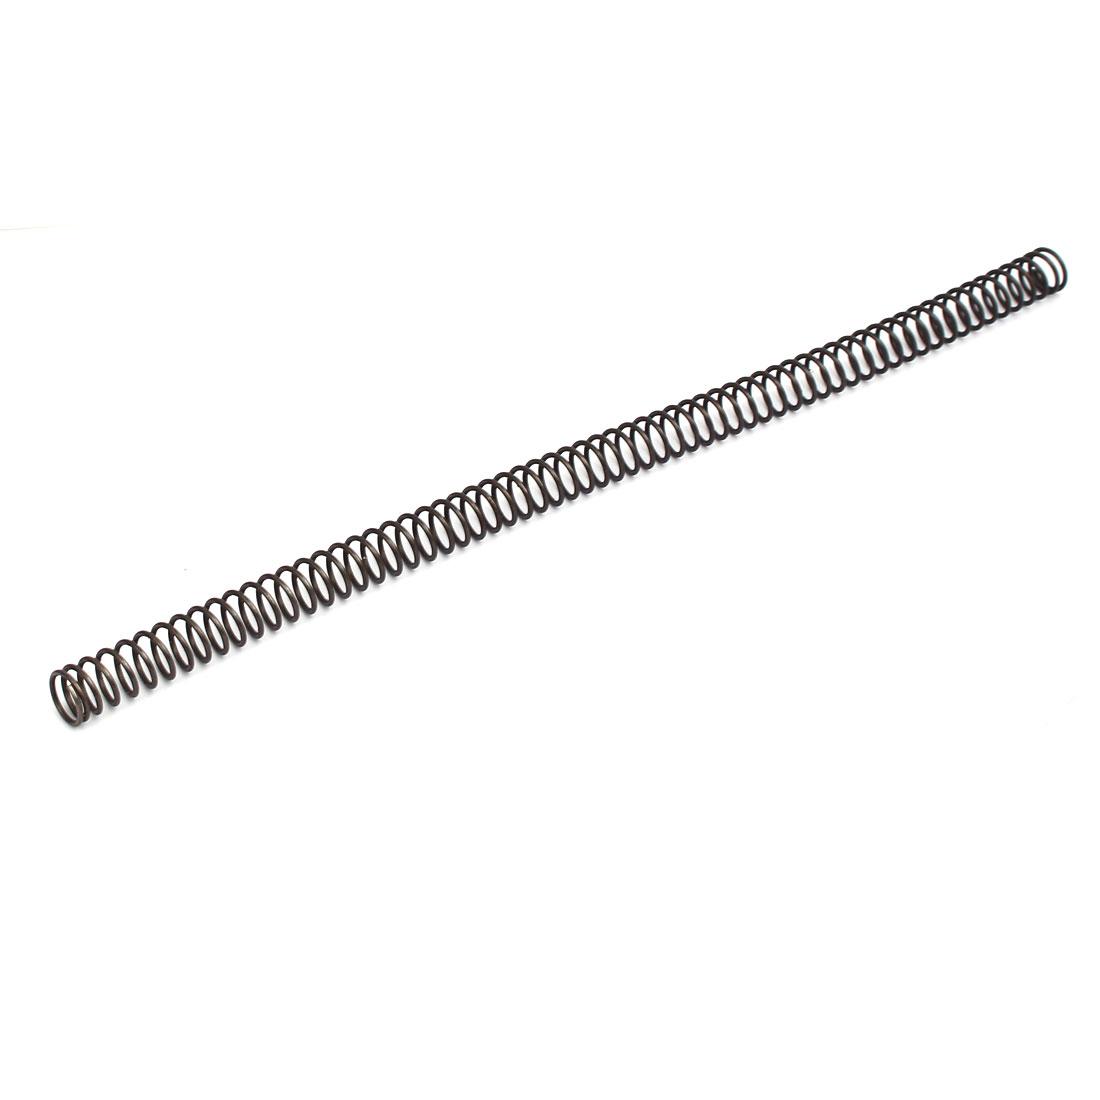 1.4mmx13mmx305mm Manganese Steel Compression Spring Black